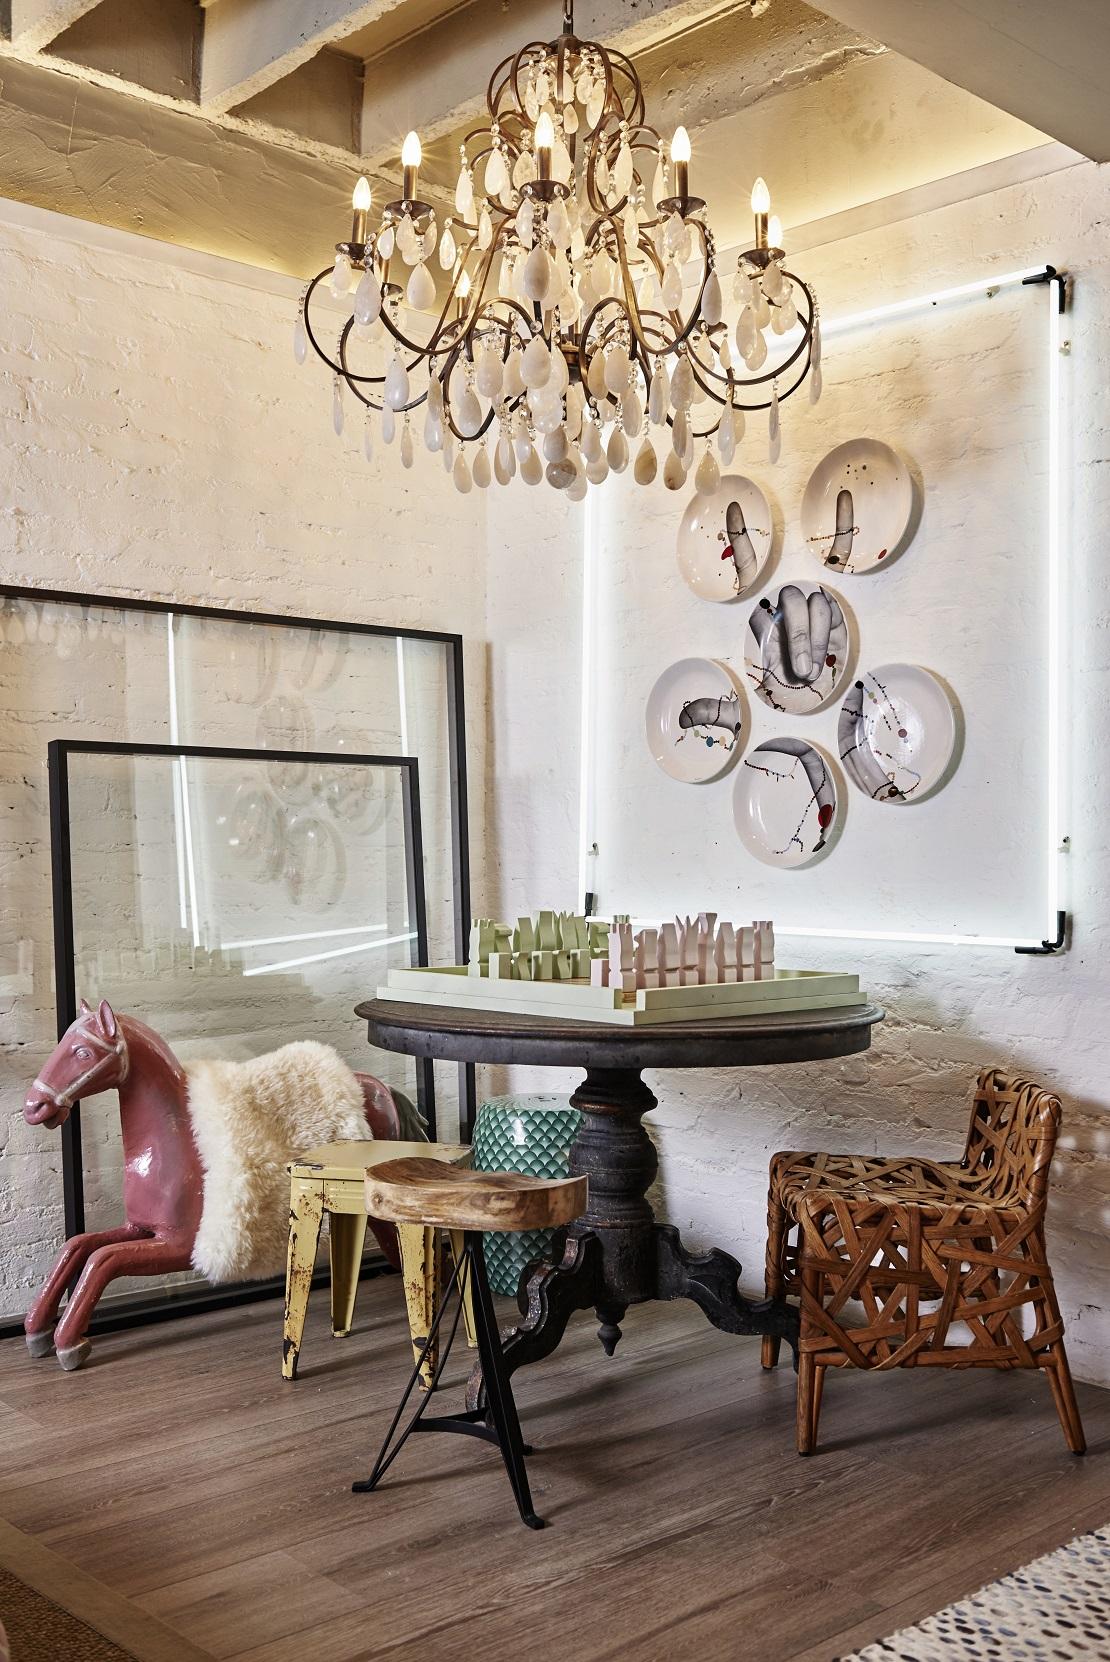 tendances du salon casa cor 2016 westwing magazine. Black Bedroom Furniture Sets. Home Design Ideas